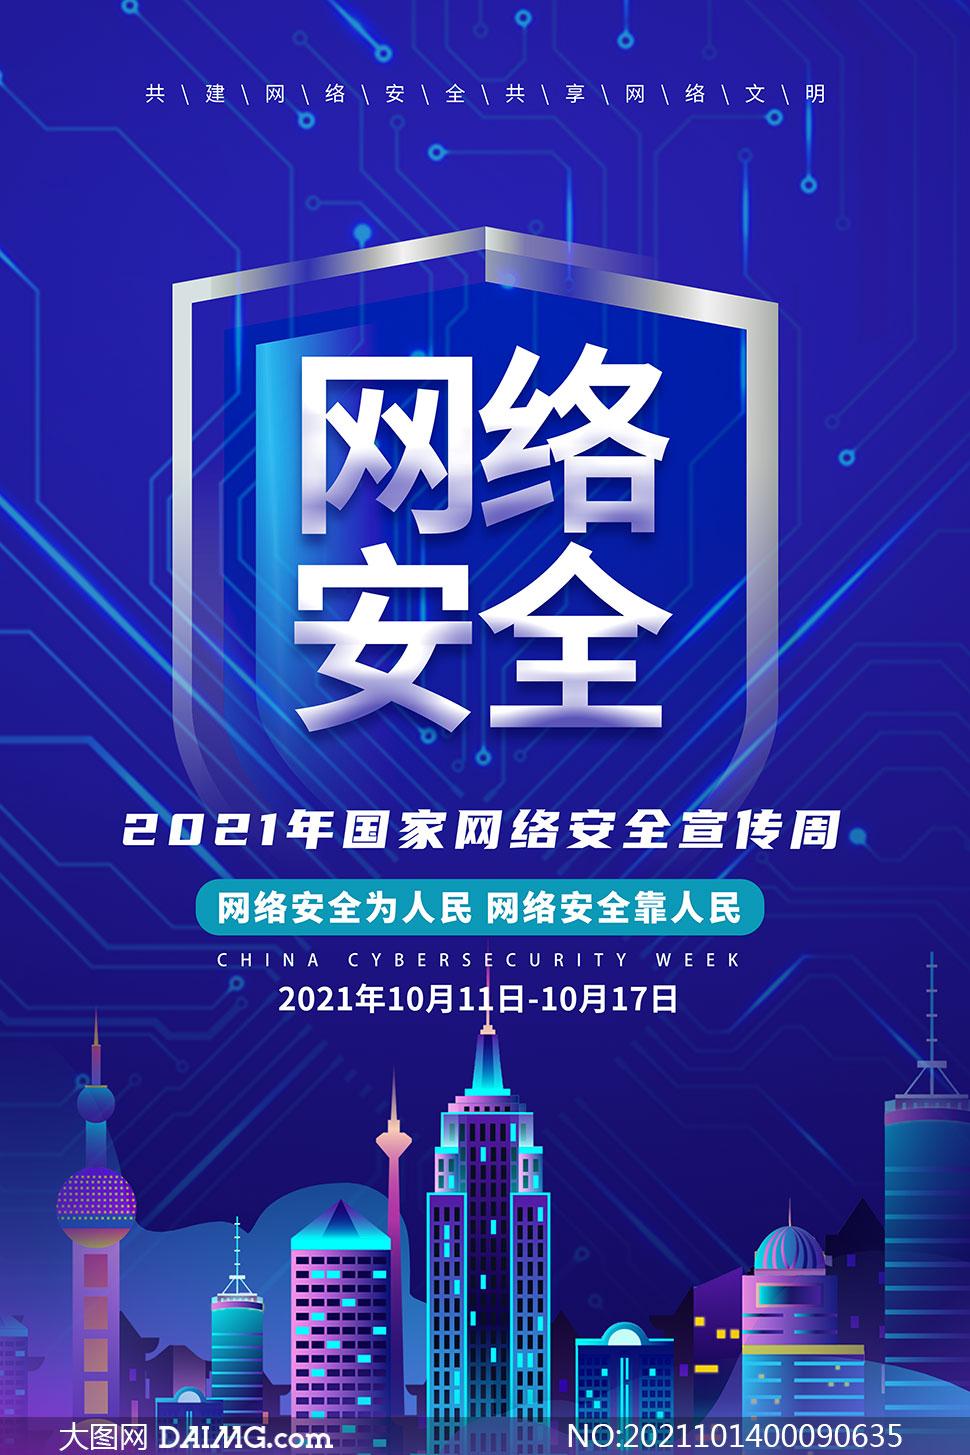 2021年国家网络安全宣传周蓝色海报设计